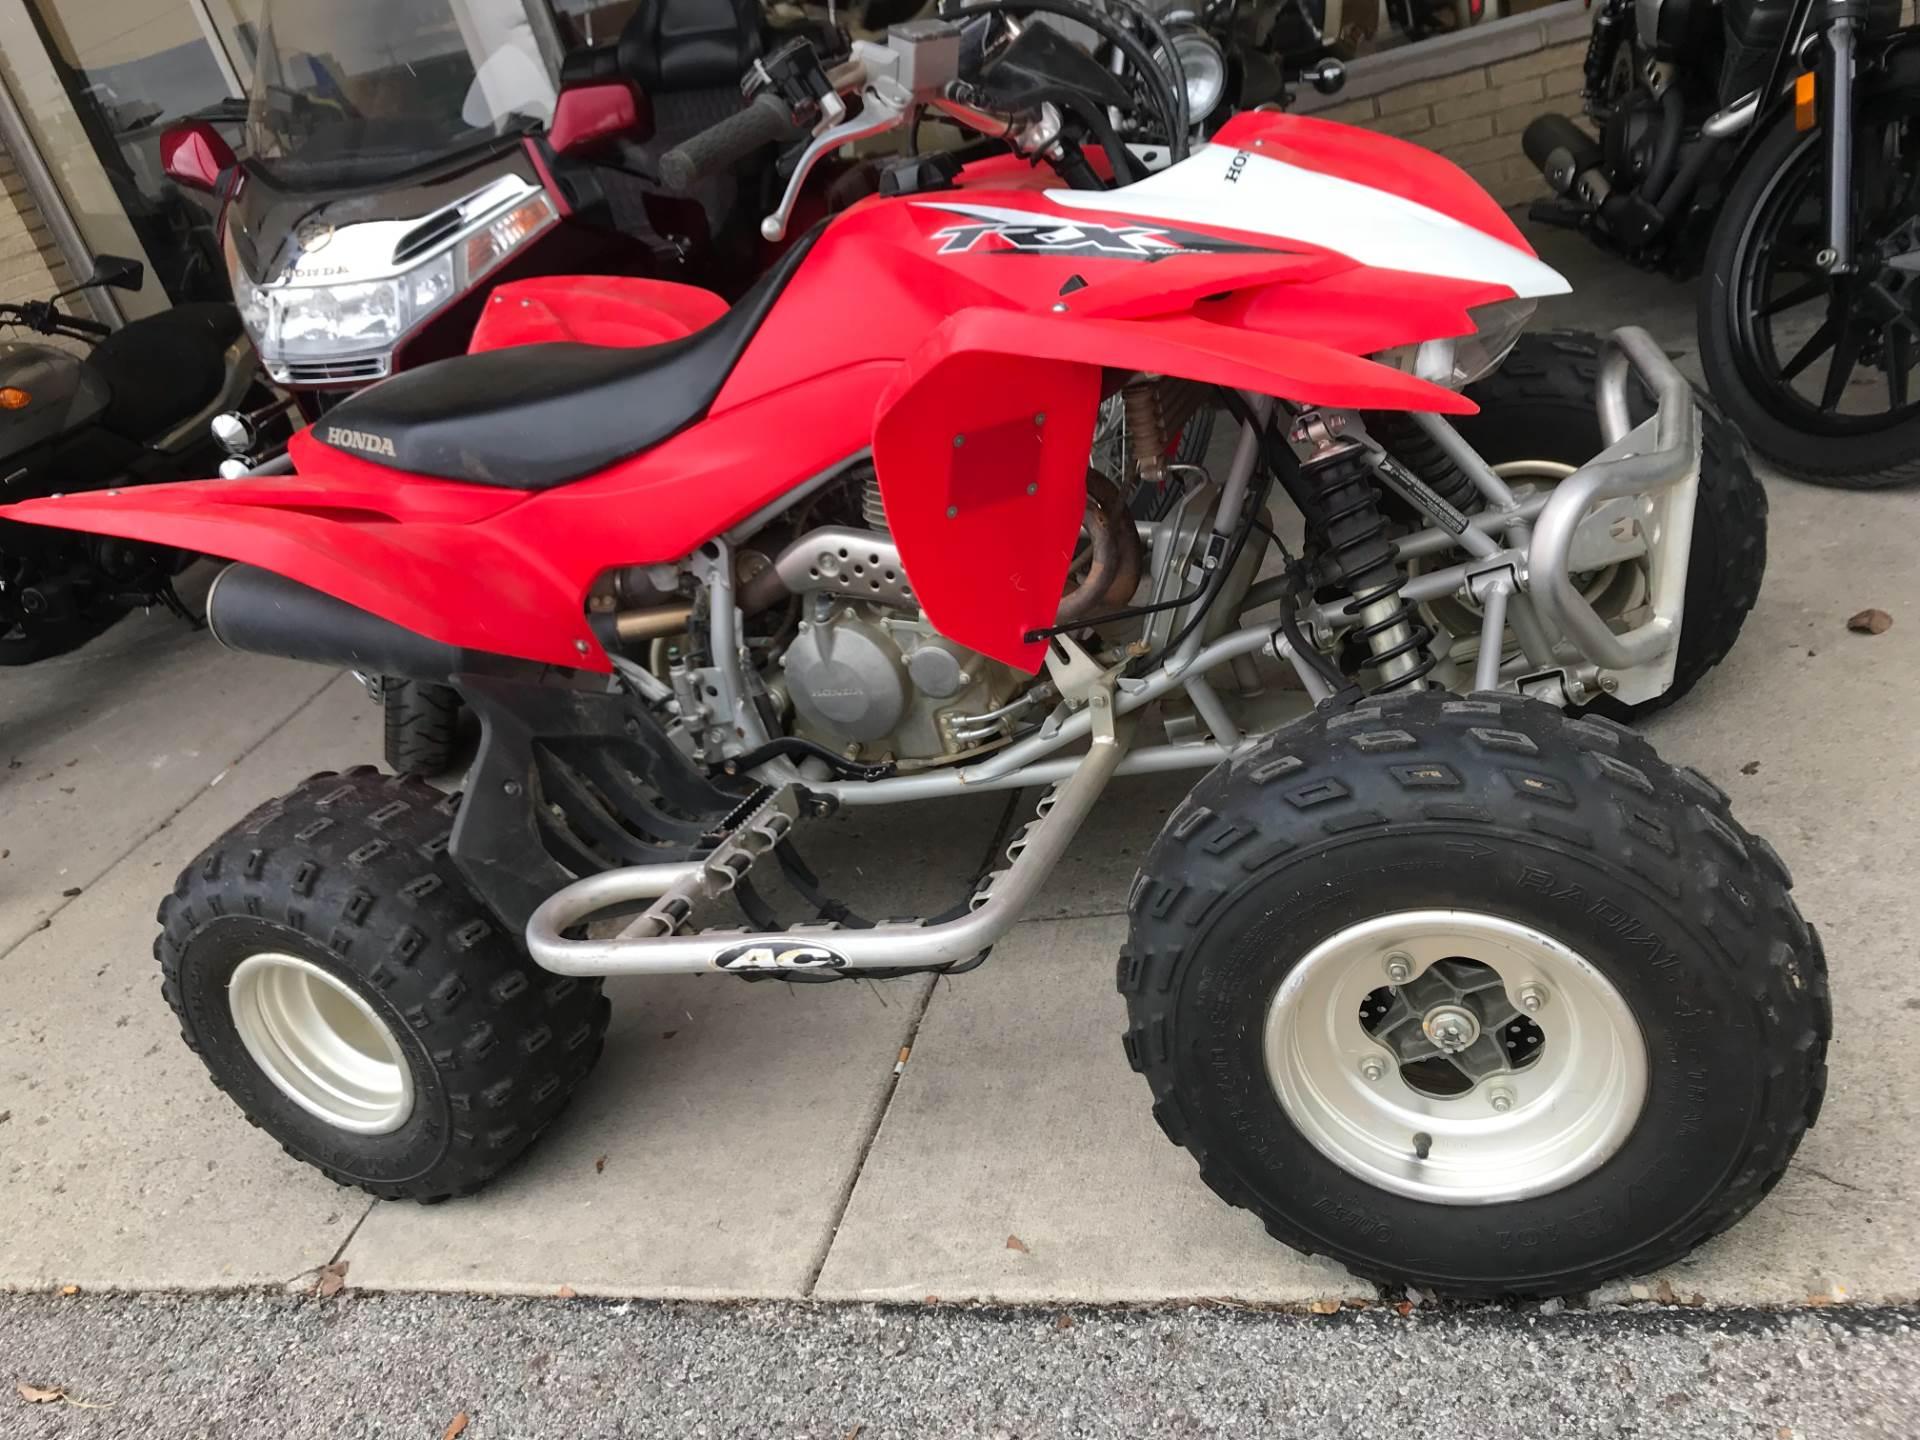 2014 TRX 400 EX